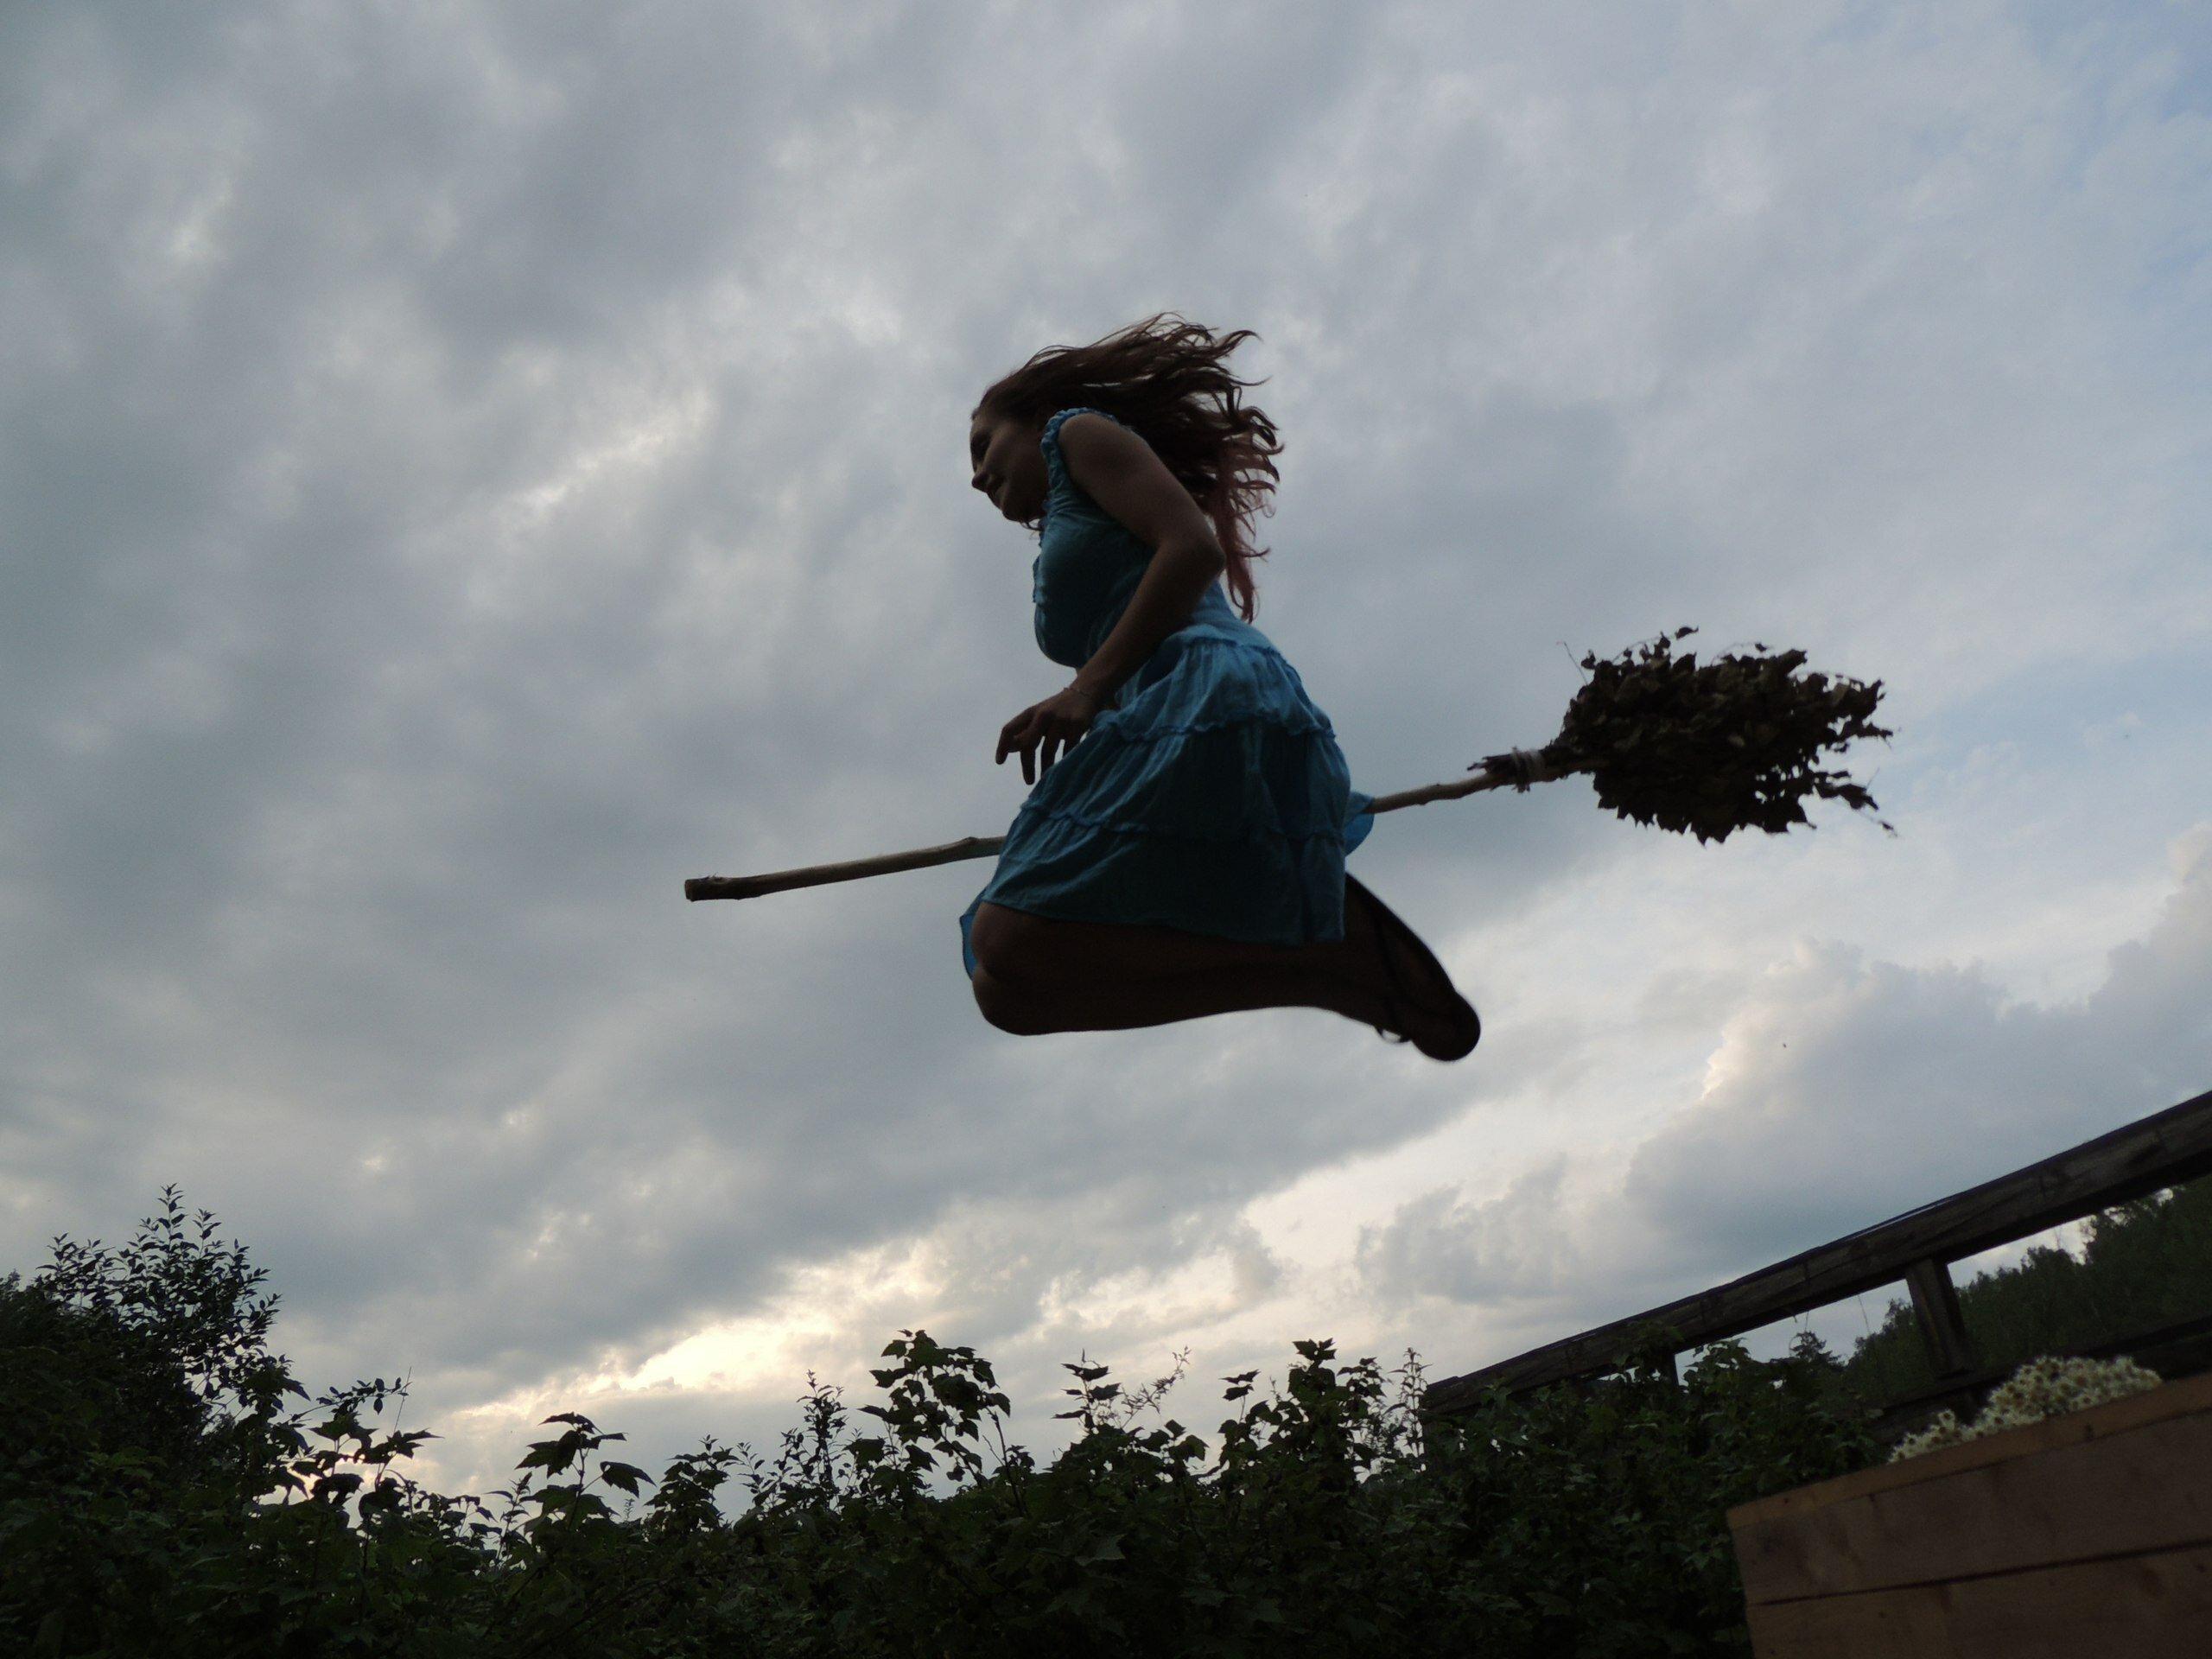 картинки полет на метле стоит обработанный цоизит